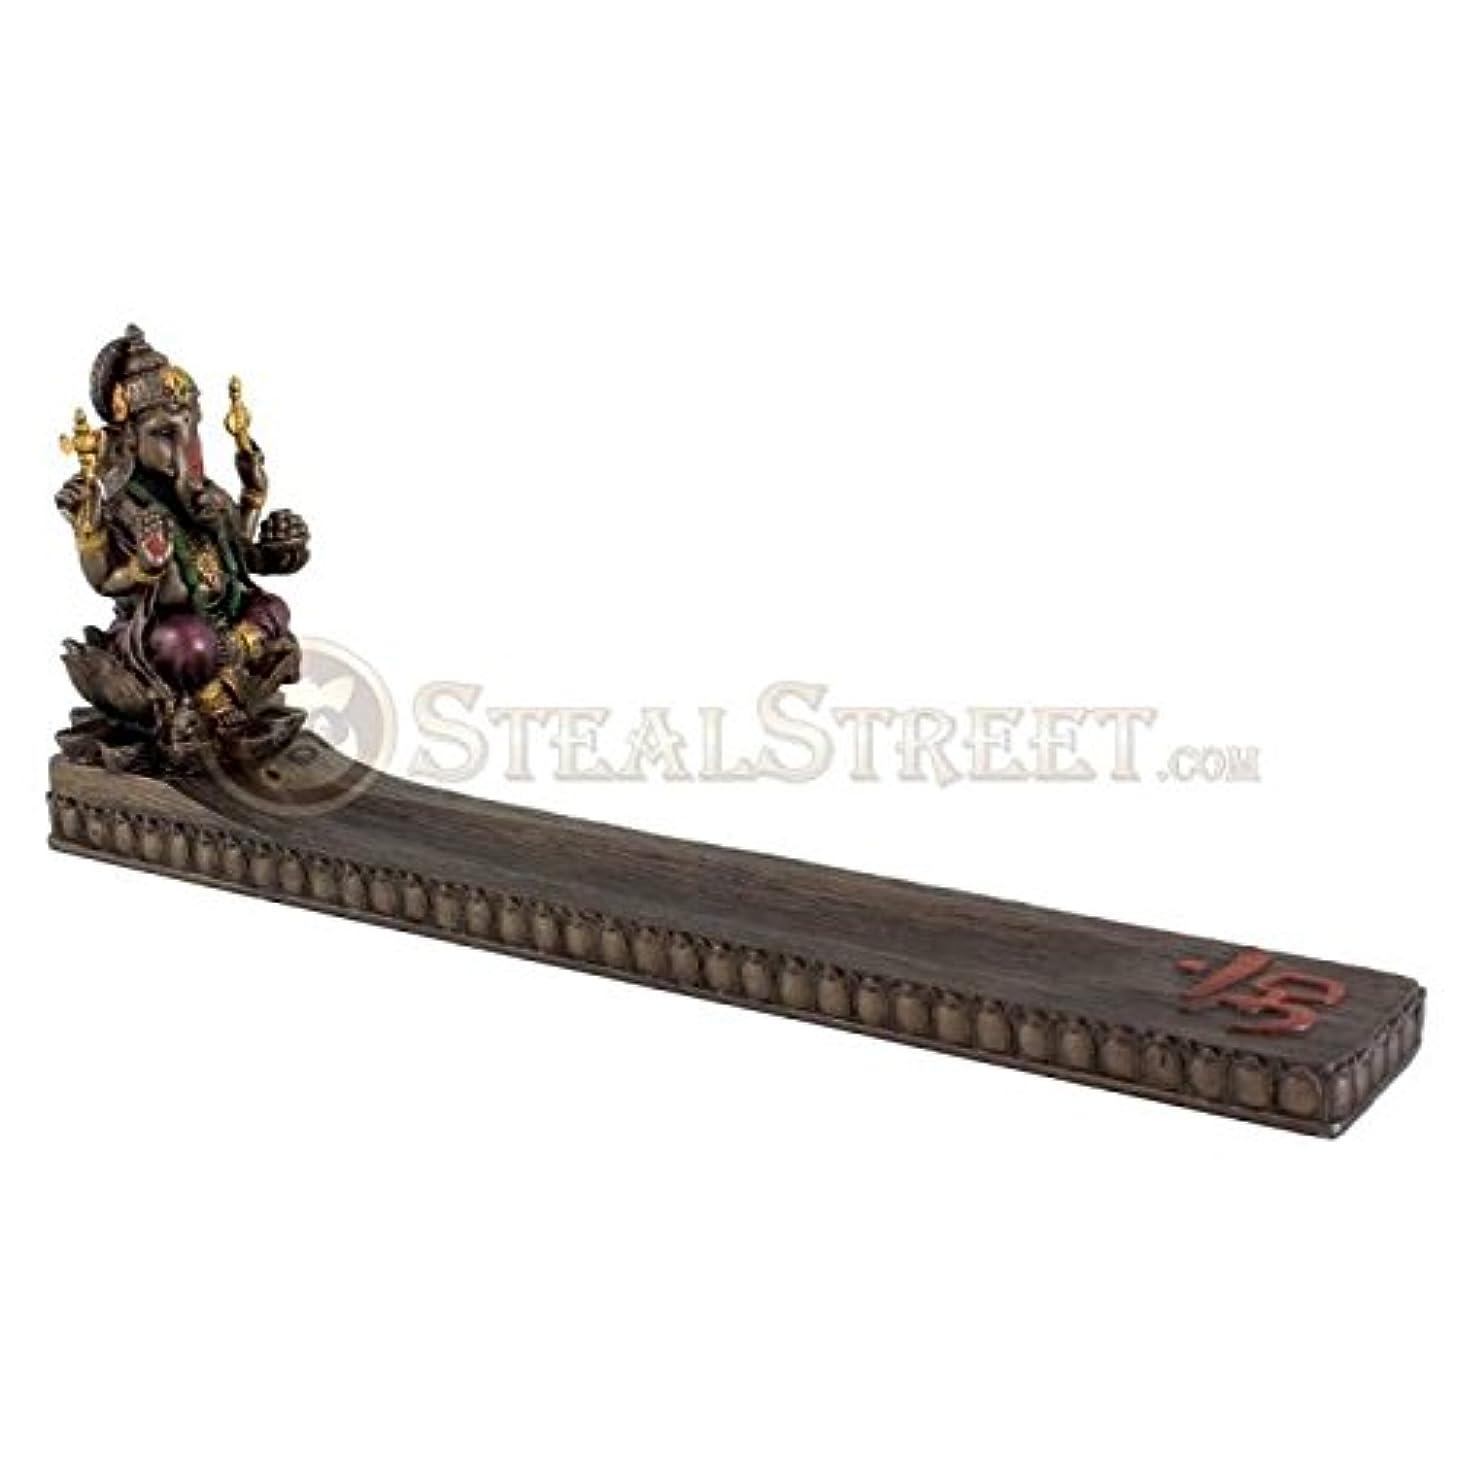 タバコノートリーダーシップHindu God Ganesha Incense Holder Incense Burner Ganesh